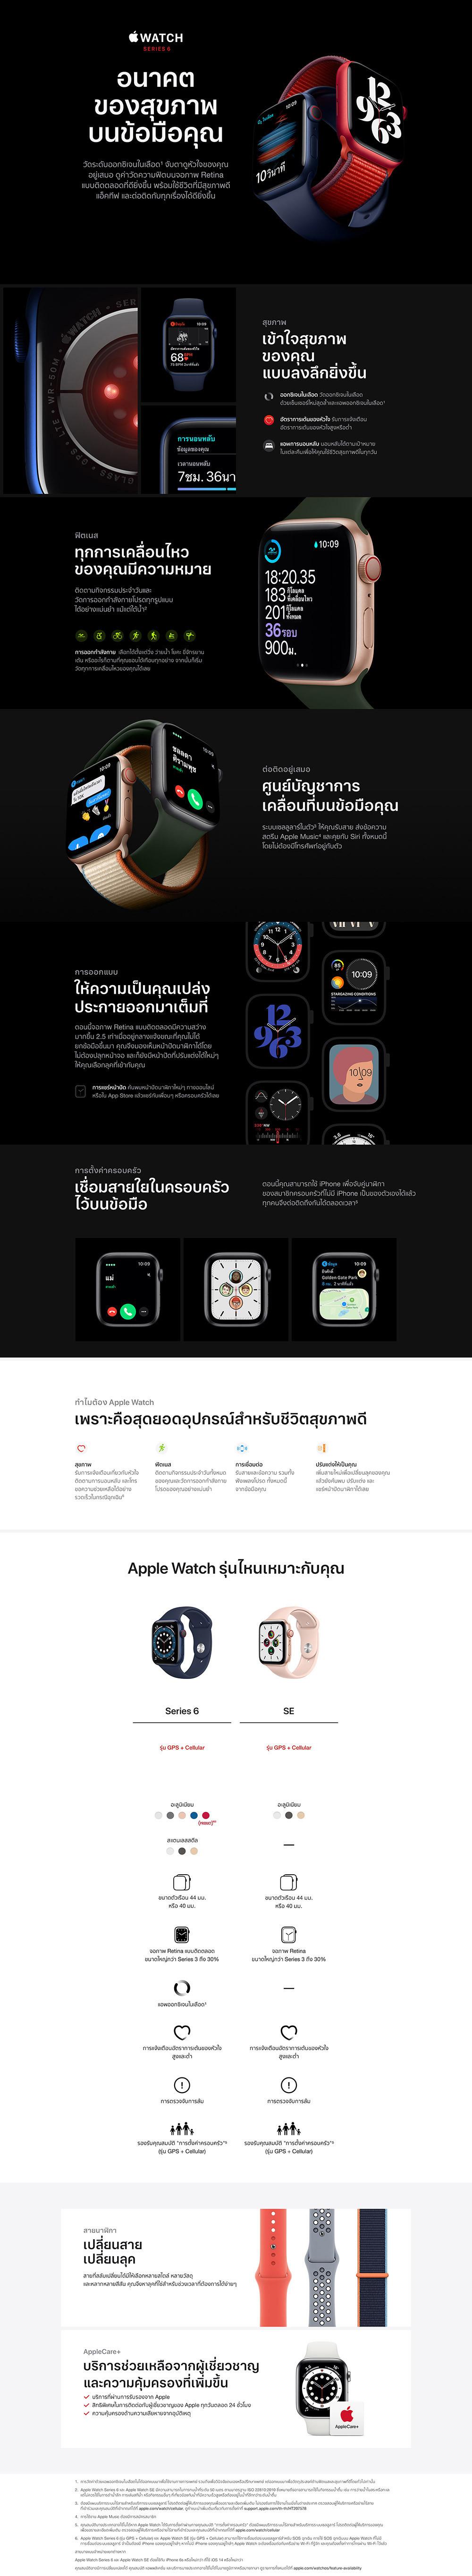 apple_watch_s6_cell_longpage.jpg